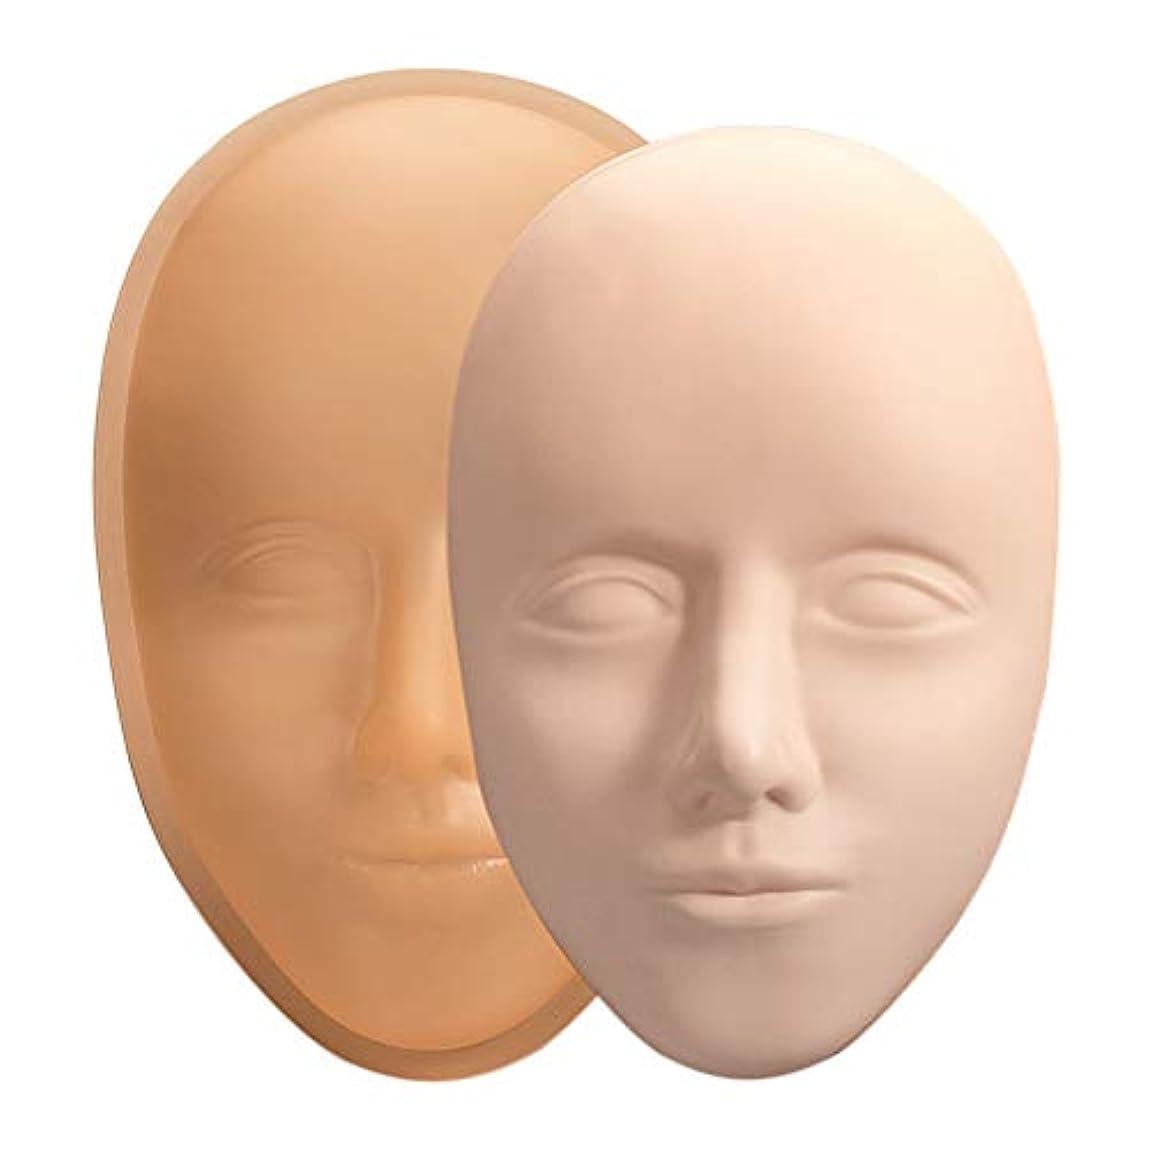 手術複製するロマンスATOMUSタトゥー練習スキン, 5D 眉毛と唇 の空白のシリコーンタトゥー練習の顔, 取り外し可能な硬質ベース付き, 永久メイクトレーニングスキン, 専門家と初級者向け